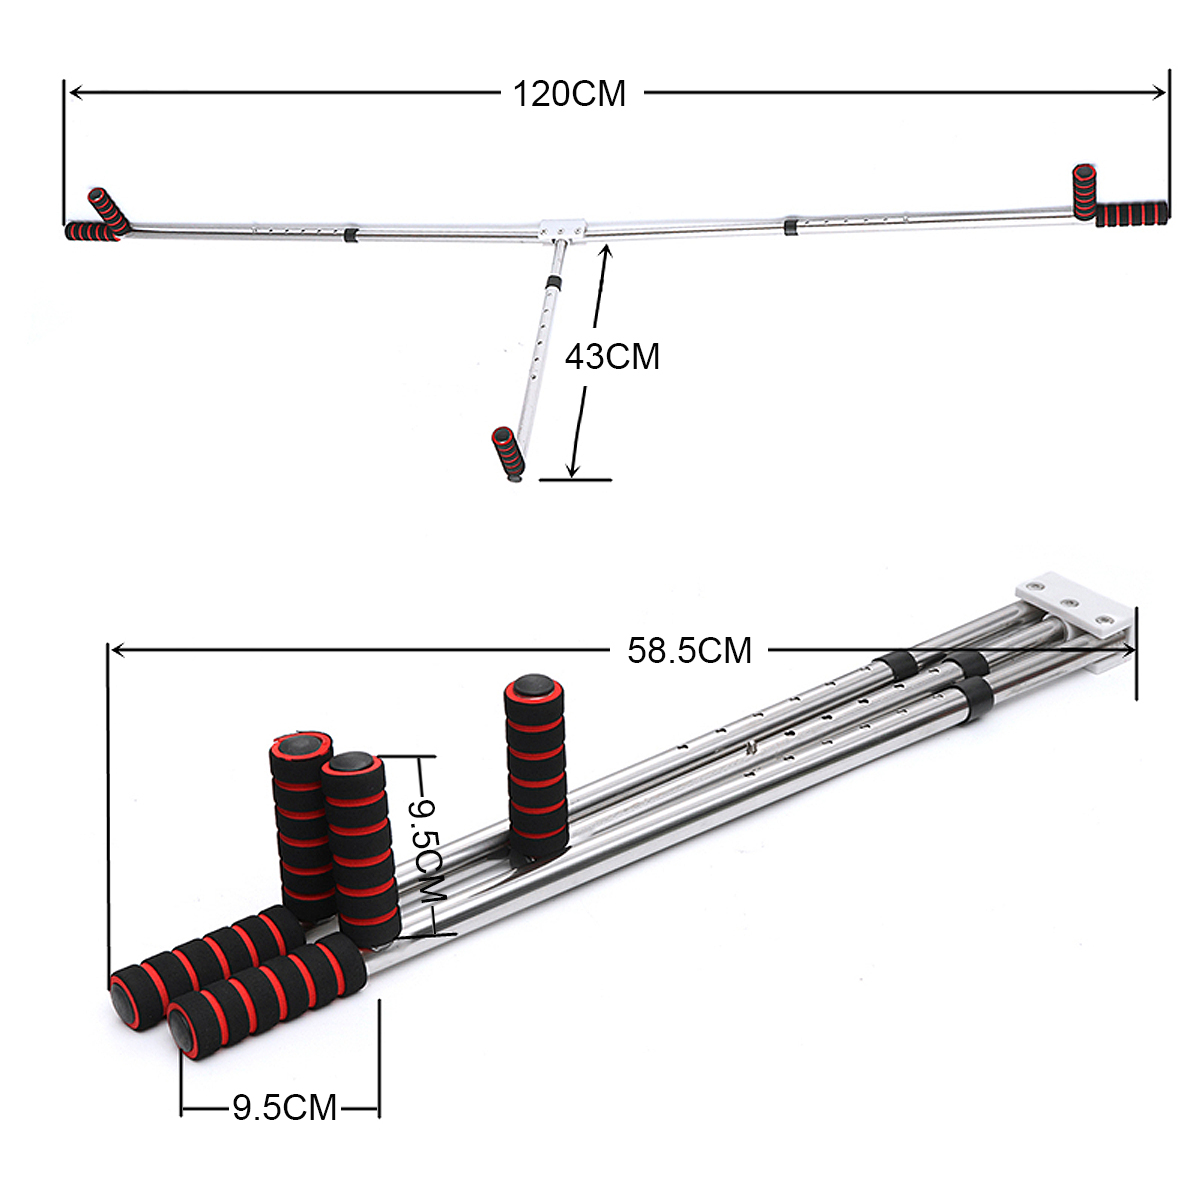 Dispositif d'entraînement universel de flexibilité de machine d'extension de jambe fendu appareil de civière de ligament de jambe d'exercice physique - 3